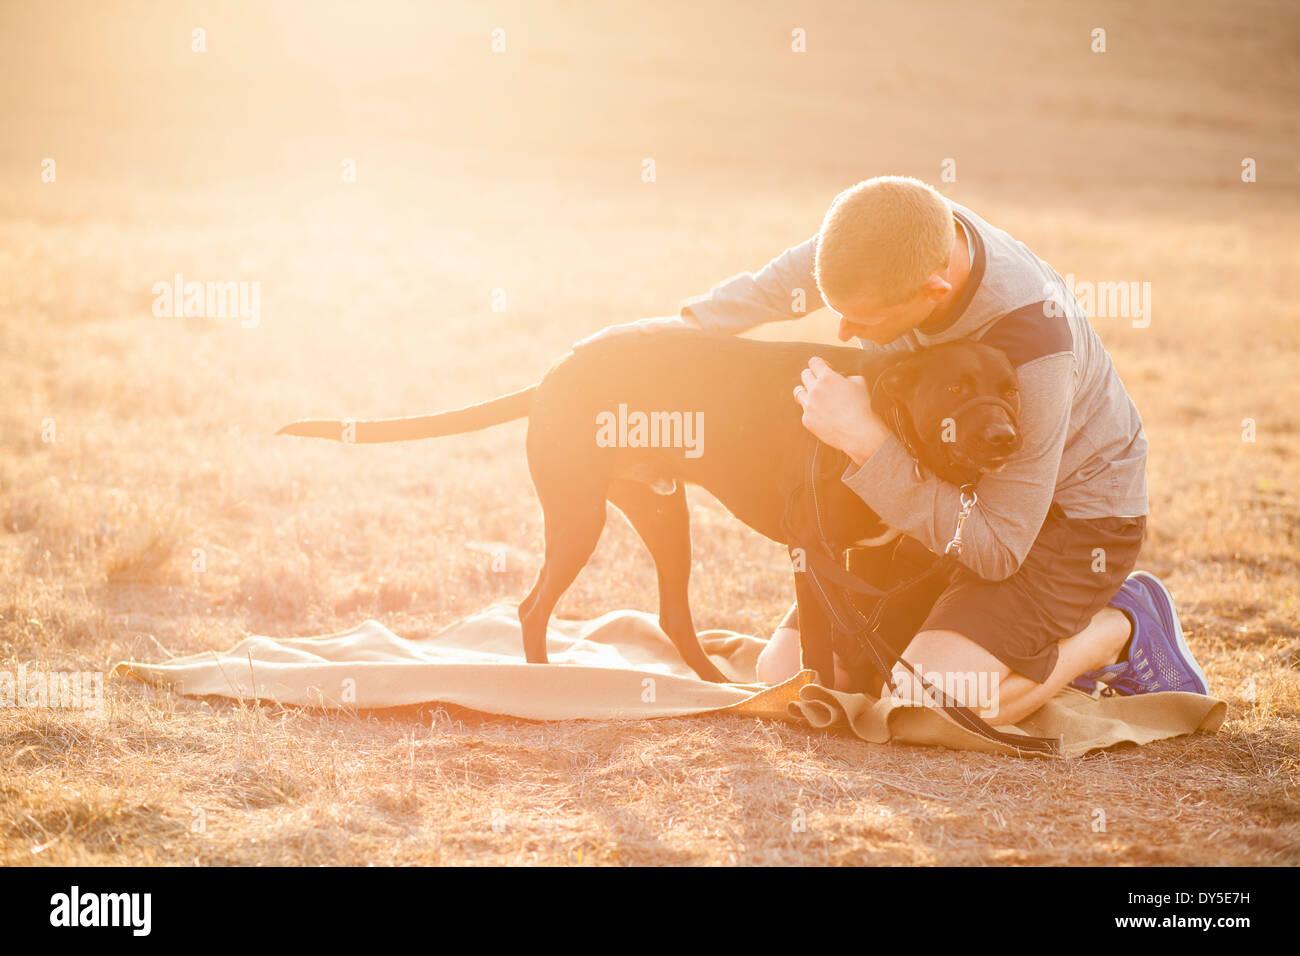 Perro abrazando hombre Imagen De Stock